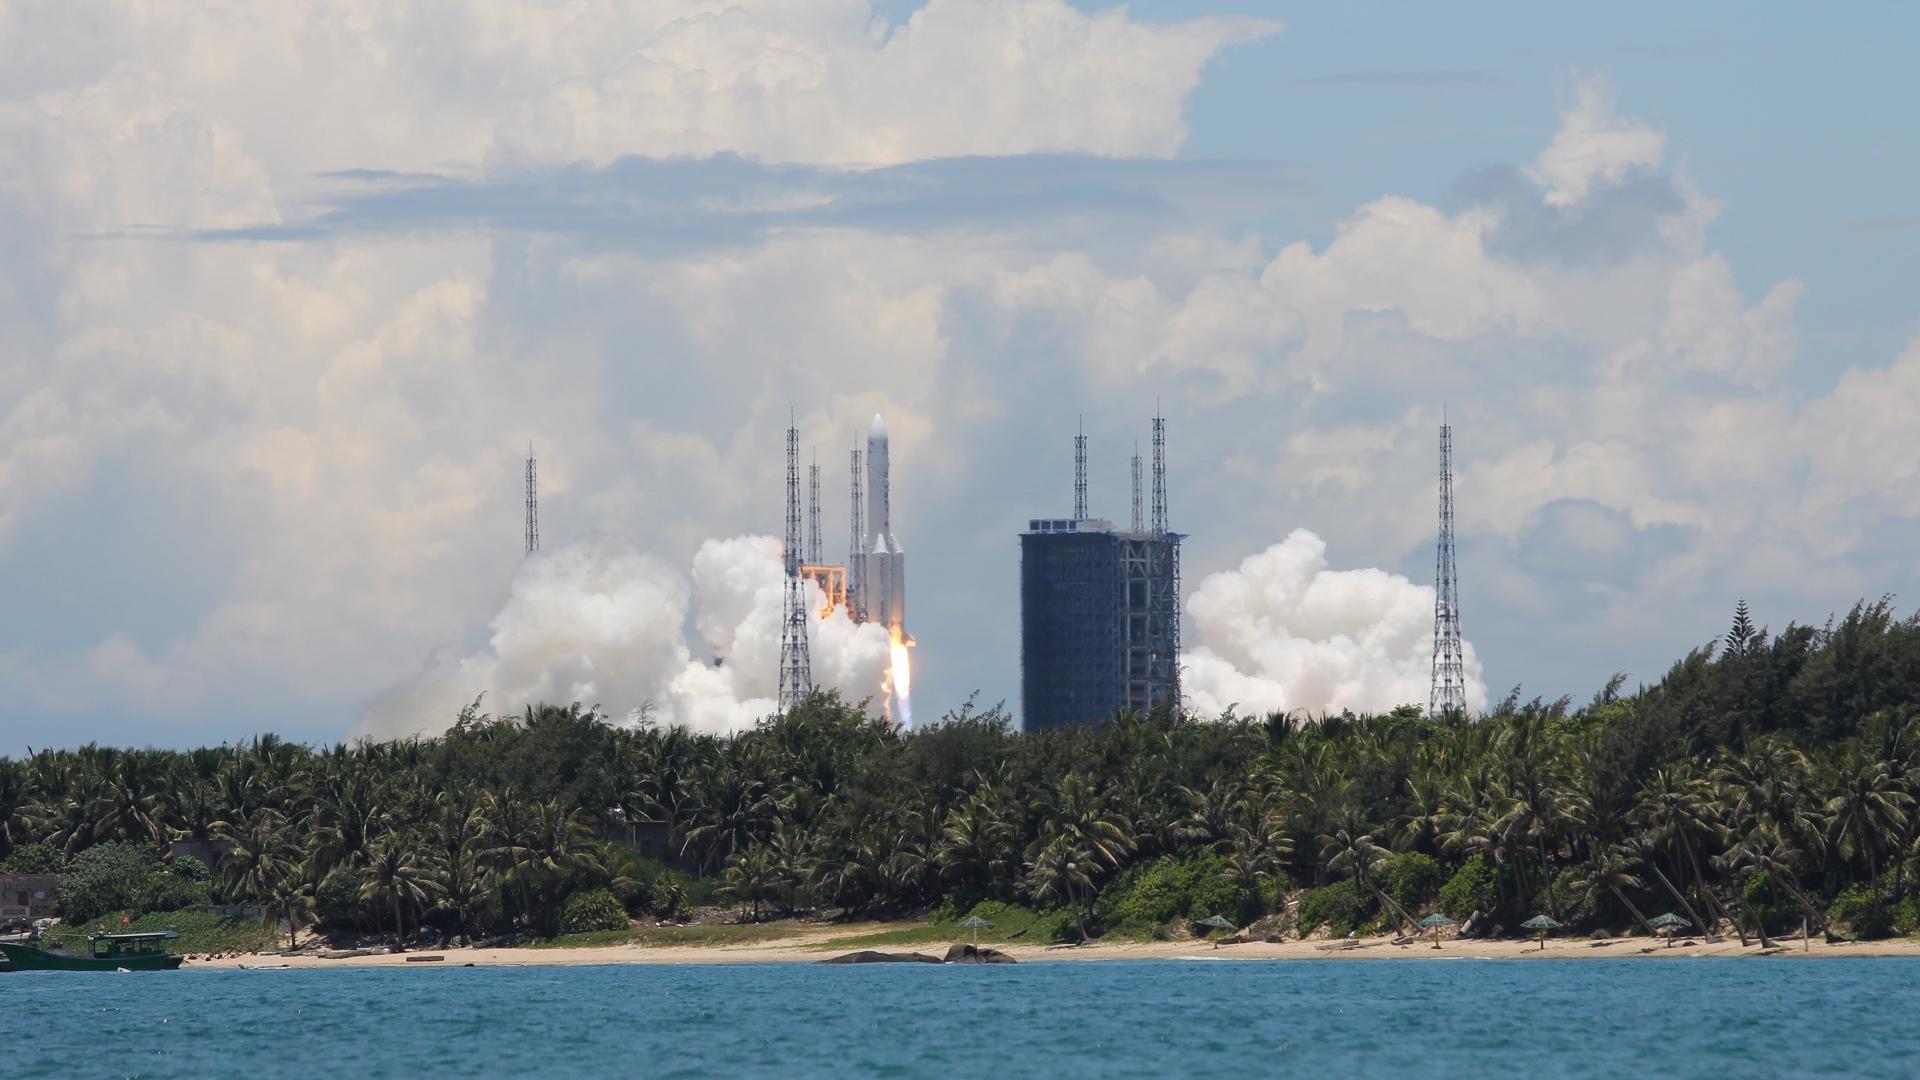 中国、有人宇宙船打ち上げ成功。着々と進む宇宙強国の道